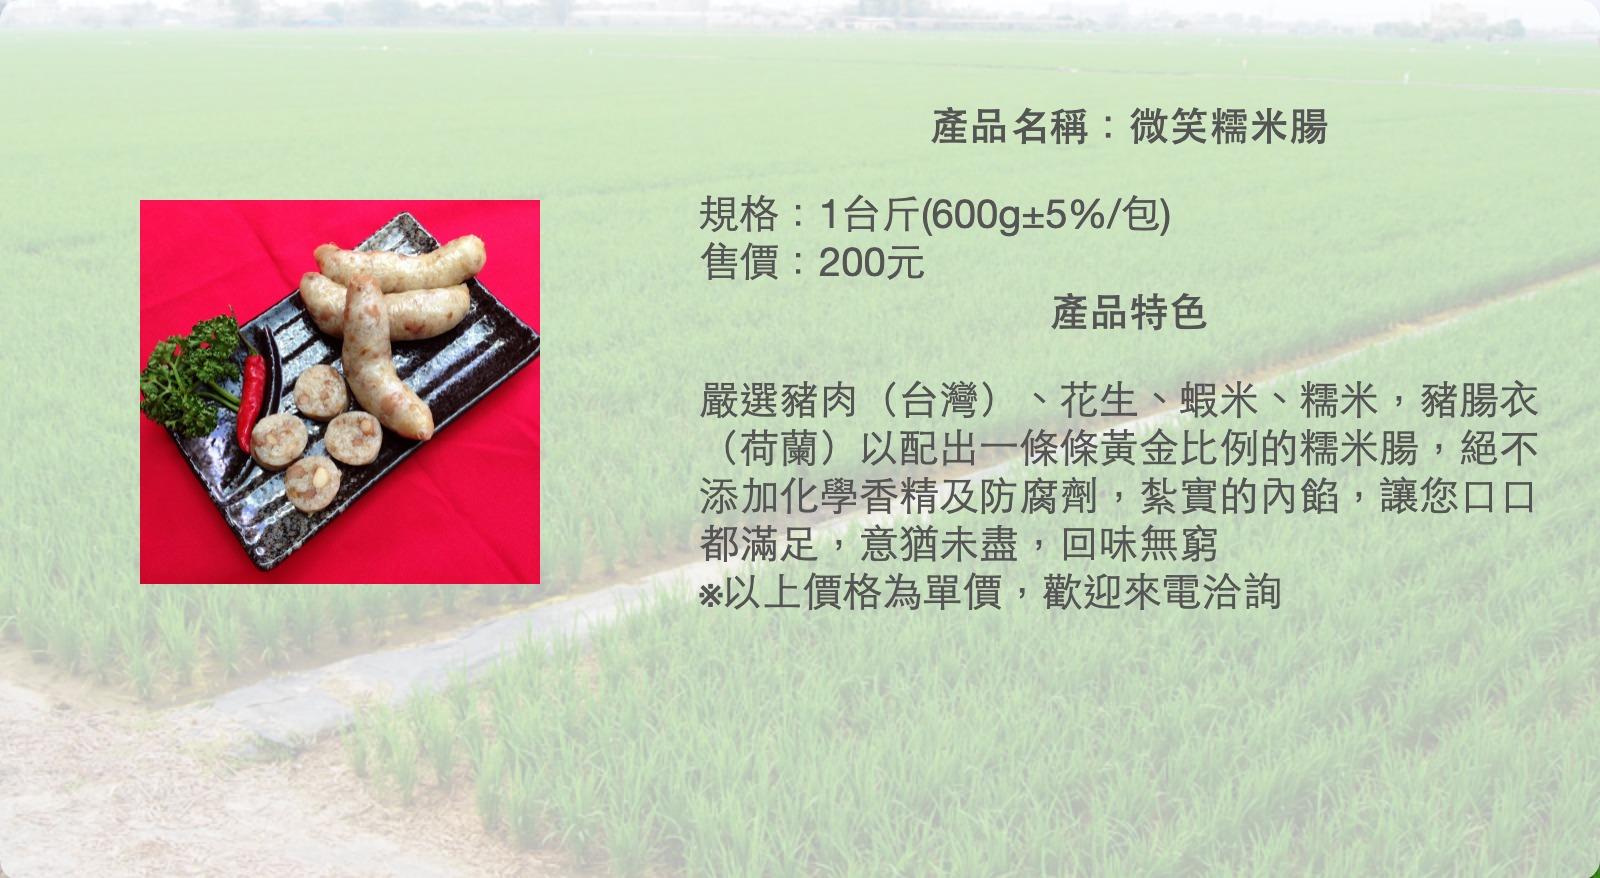 微笑糯米腸:傳承至外婆和媽媽的好味道,嘉義朴子市場人氣糯米腸 @飛天璇的口袋